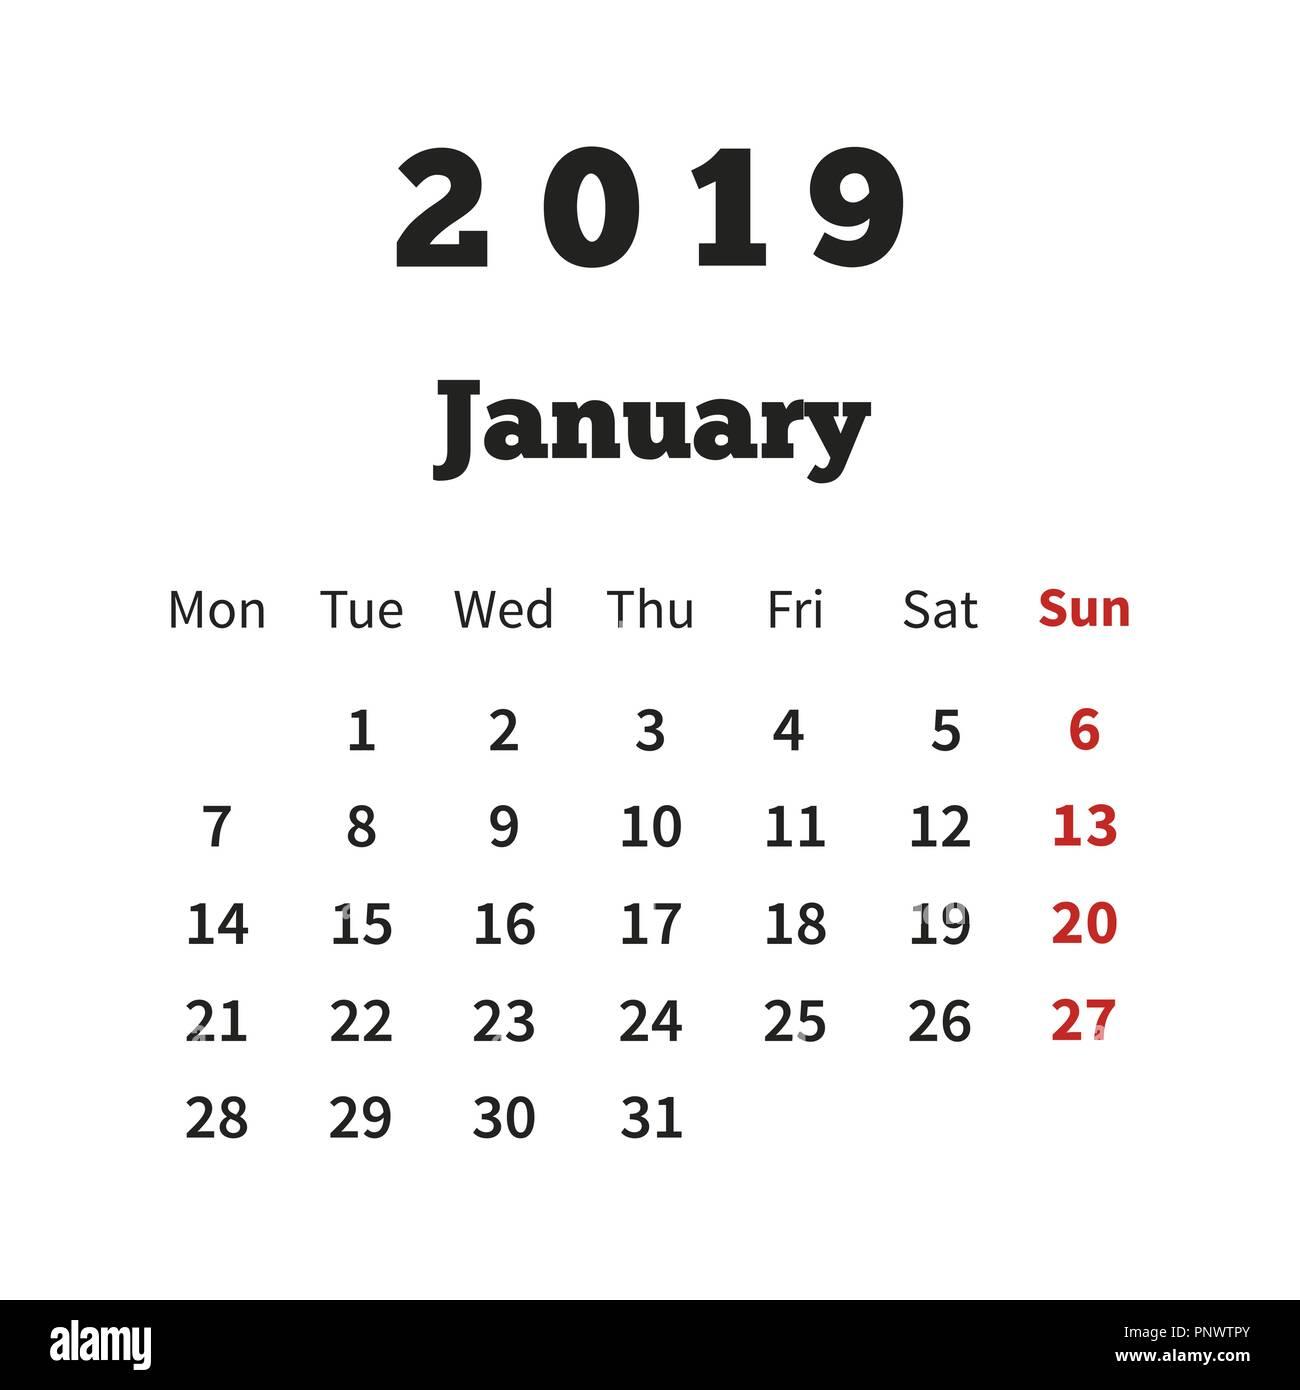 einfacher kalender januar 2019 jahr mit woche ab montag. Black Bedroom Furniture Sets. Home Design Ideas